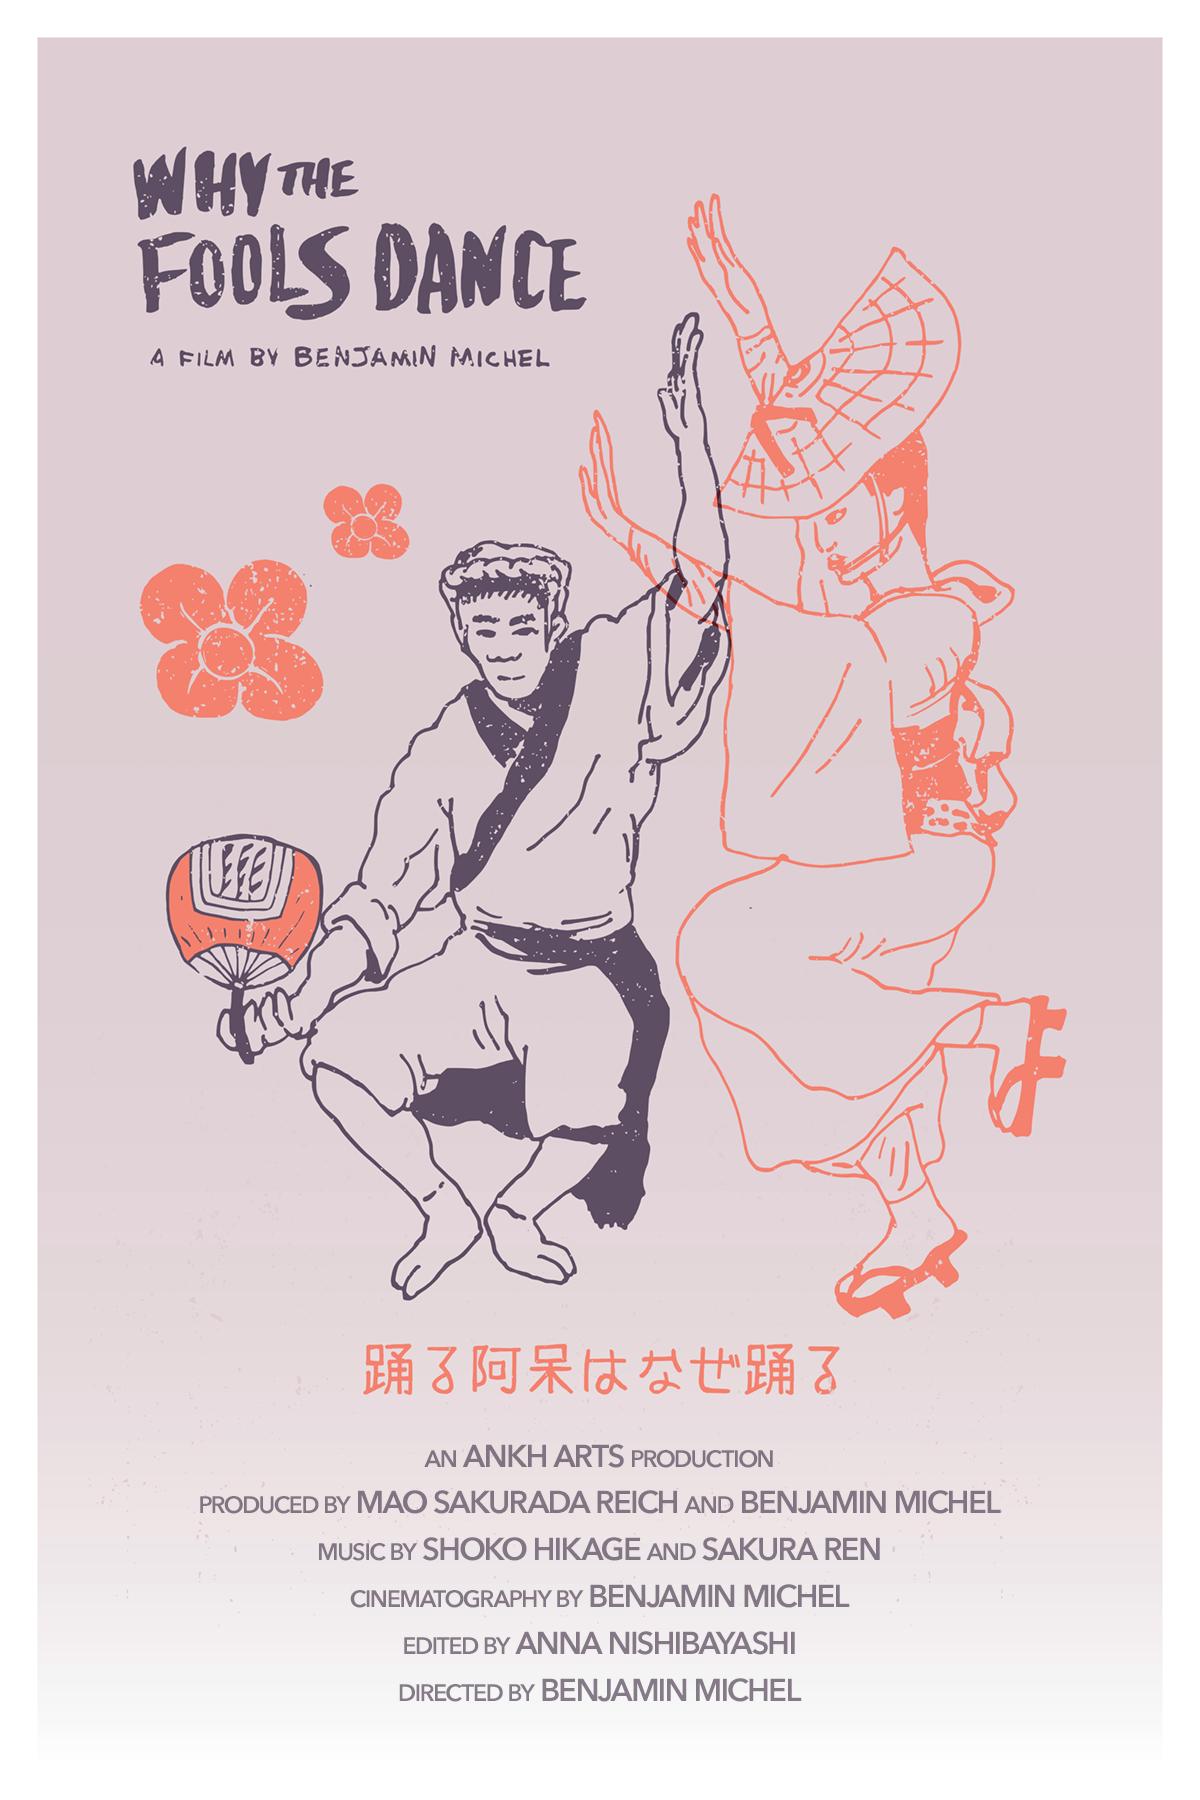 Poster designed by Lenworth 'Joonbug' McIntosh